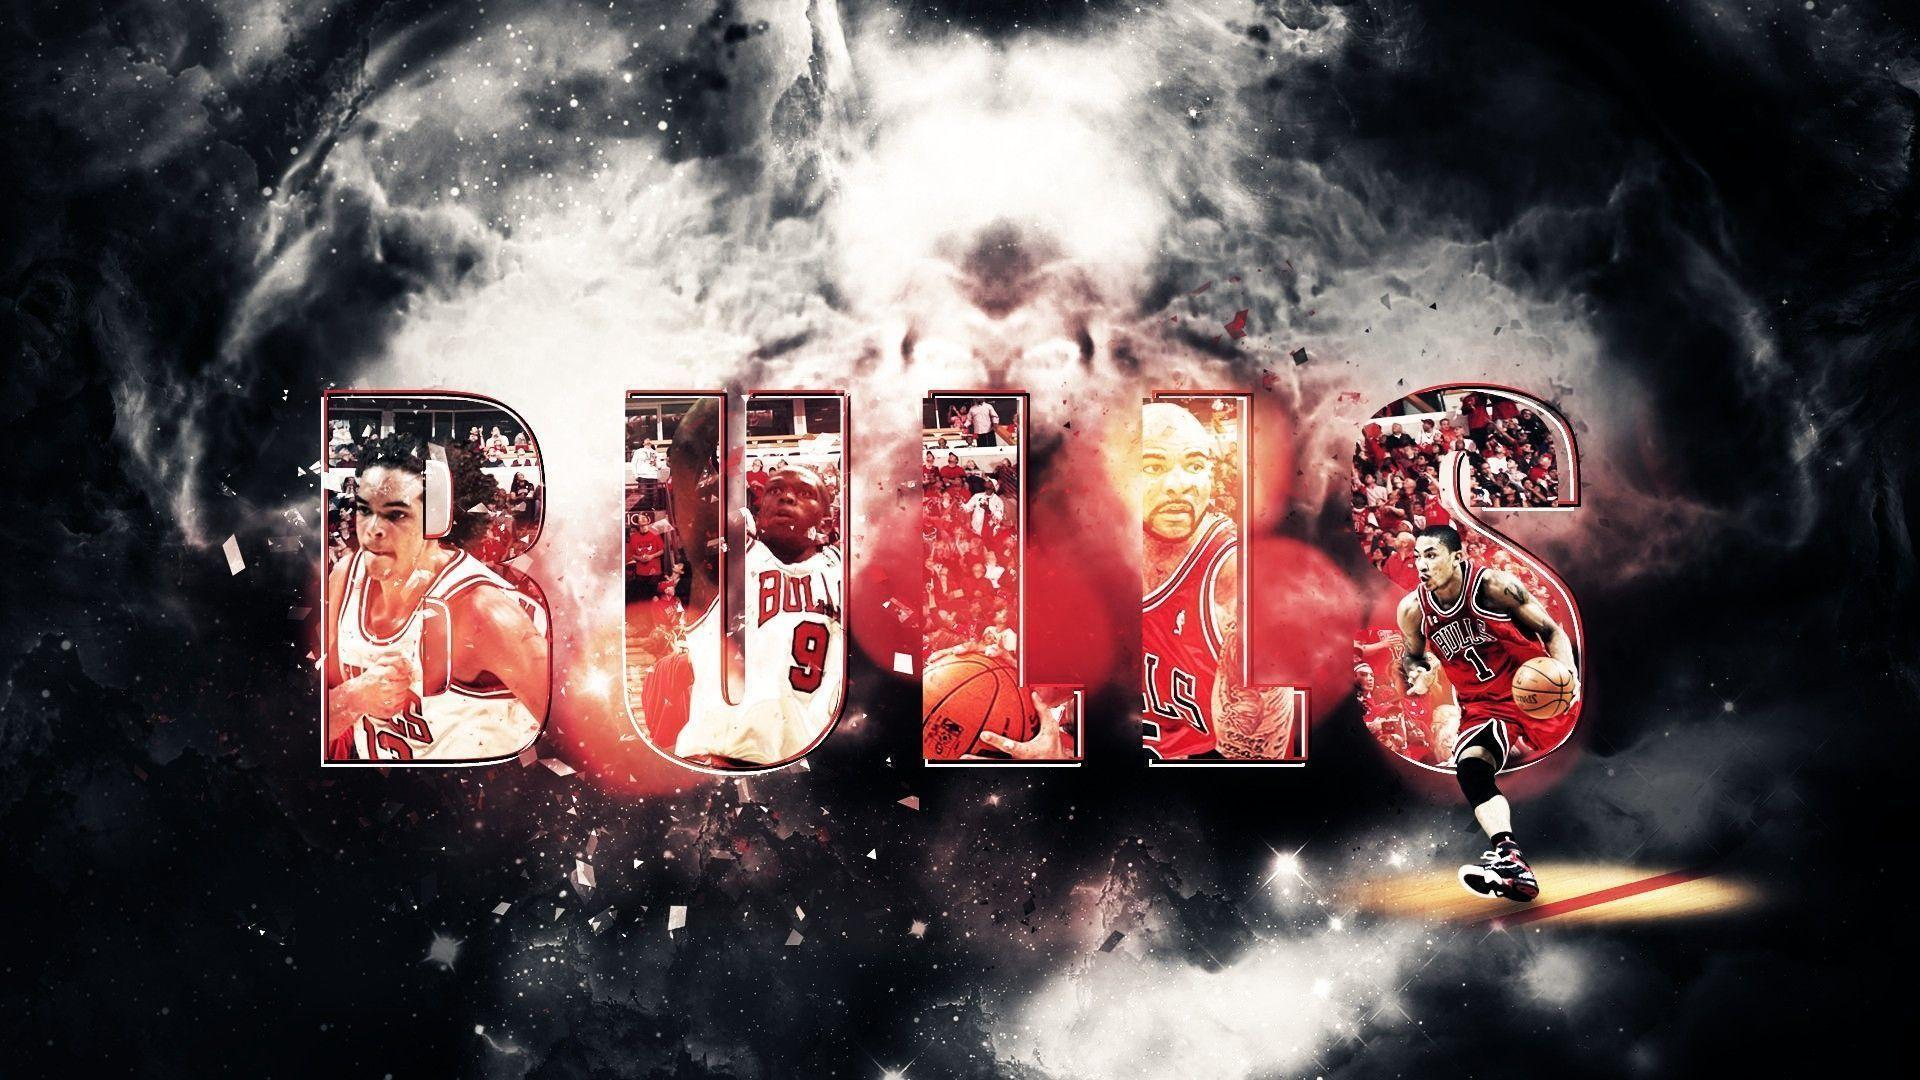 Chicago Bulls High Definition Widescreen Wallpaper Download ...